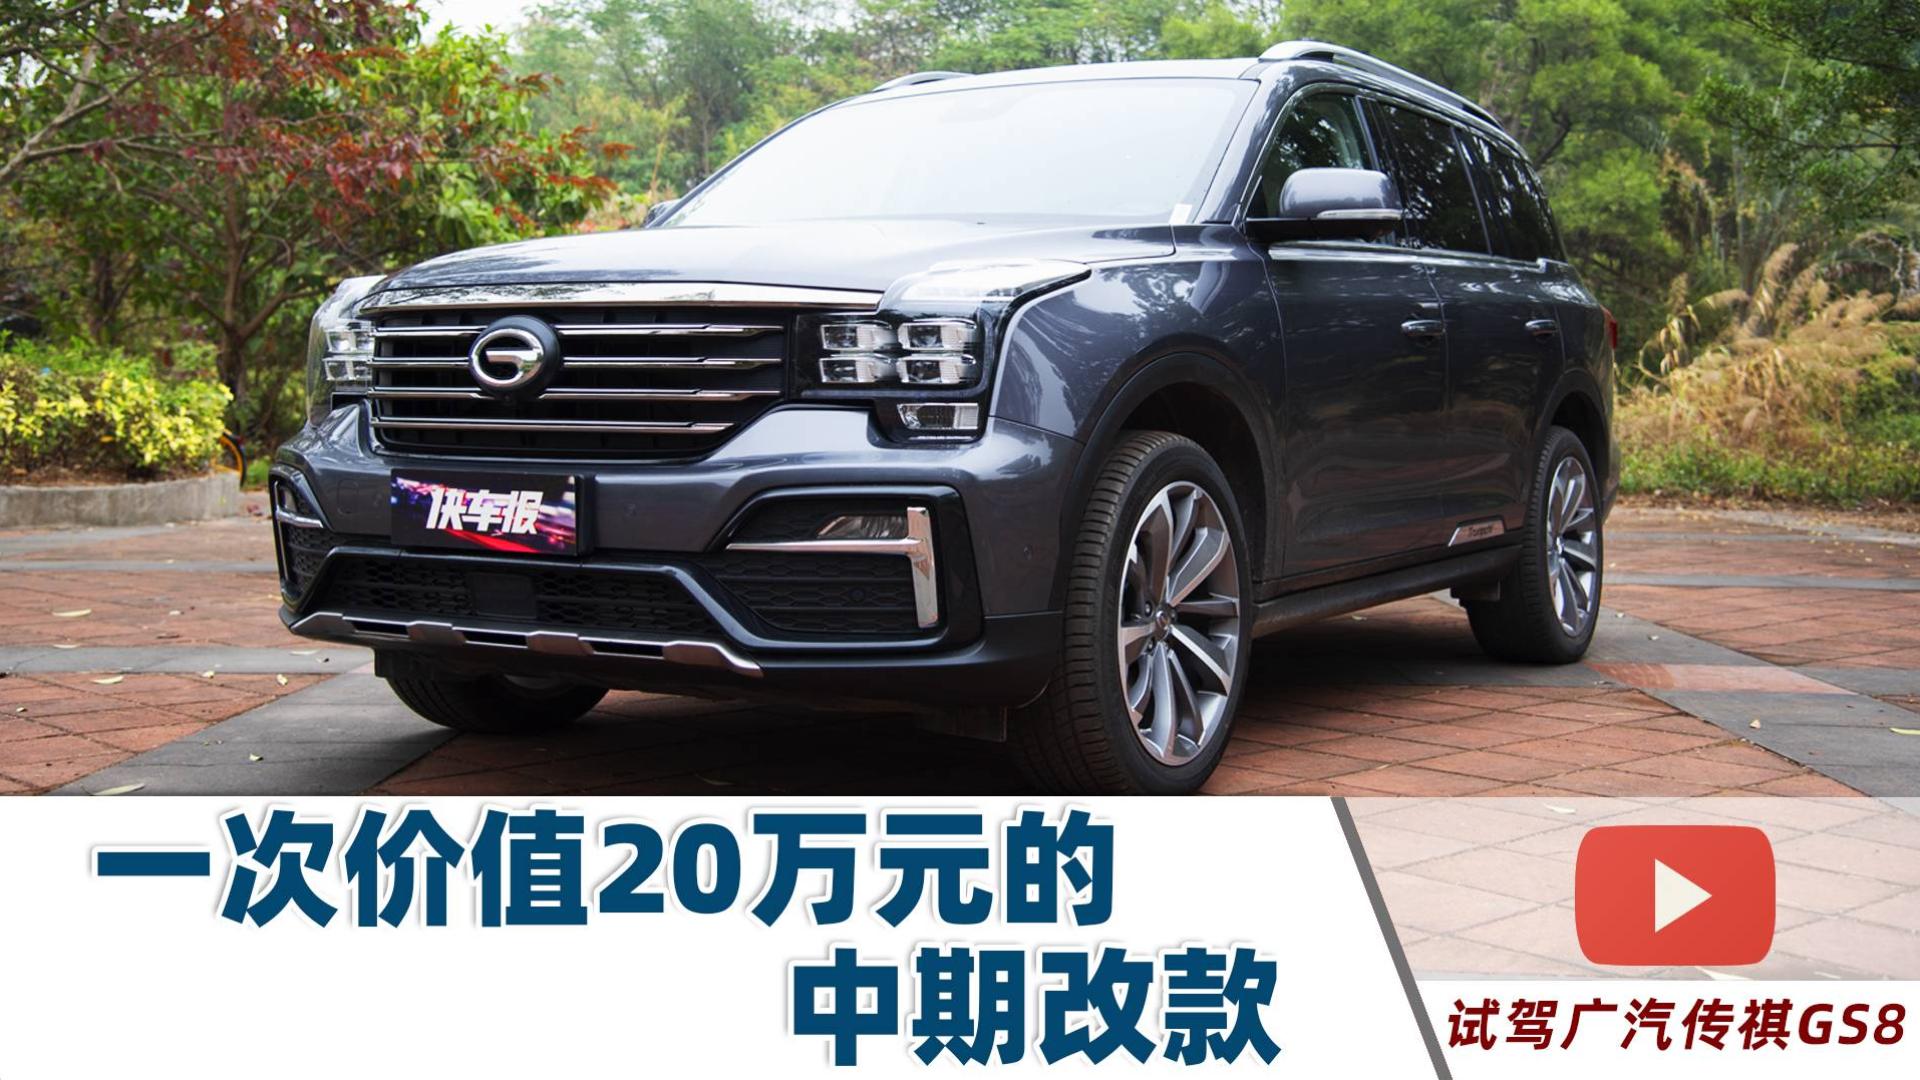 试驾广汽传祺GS8:一次价值20万元的中期改款【试驾视频031】